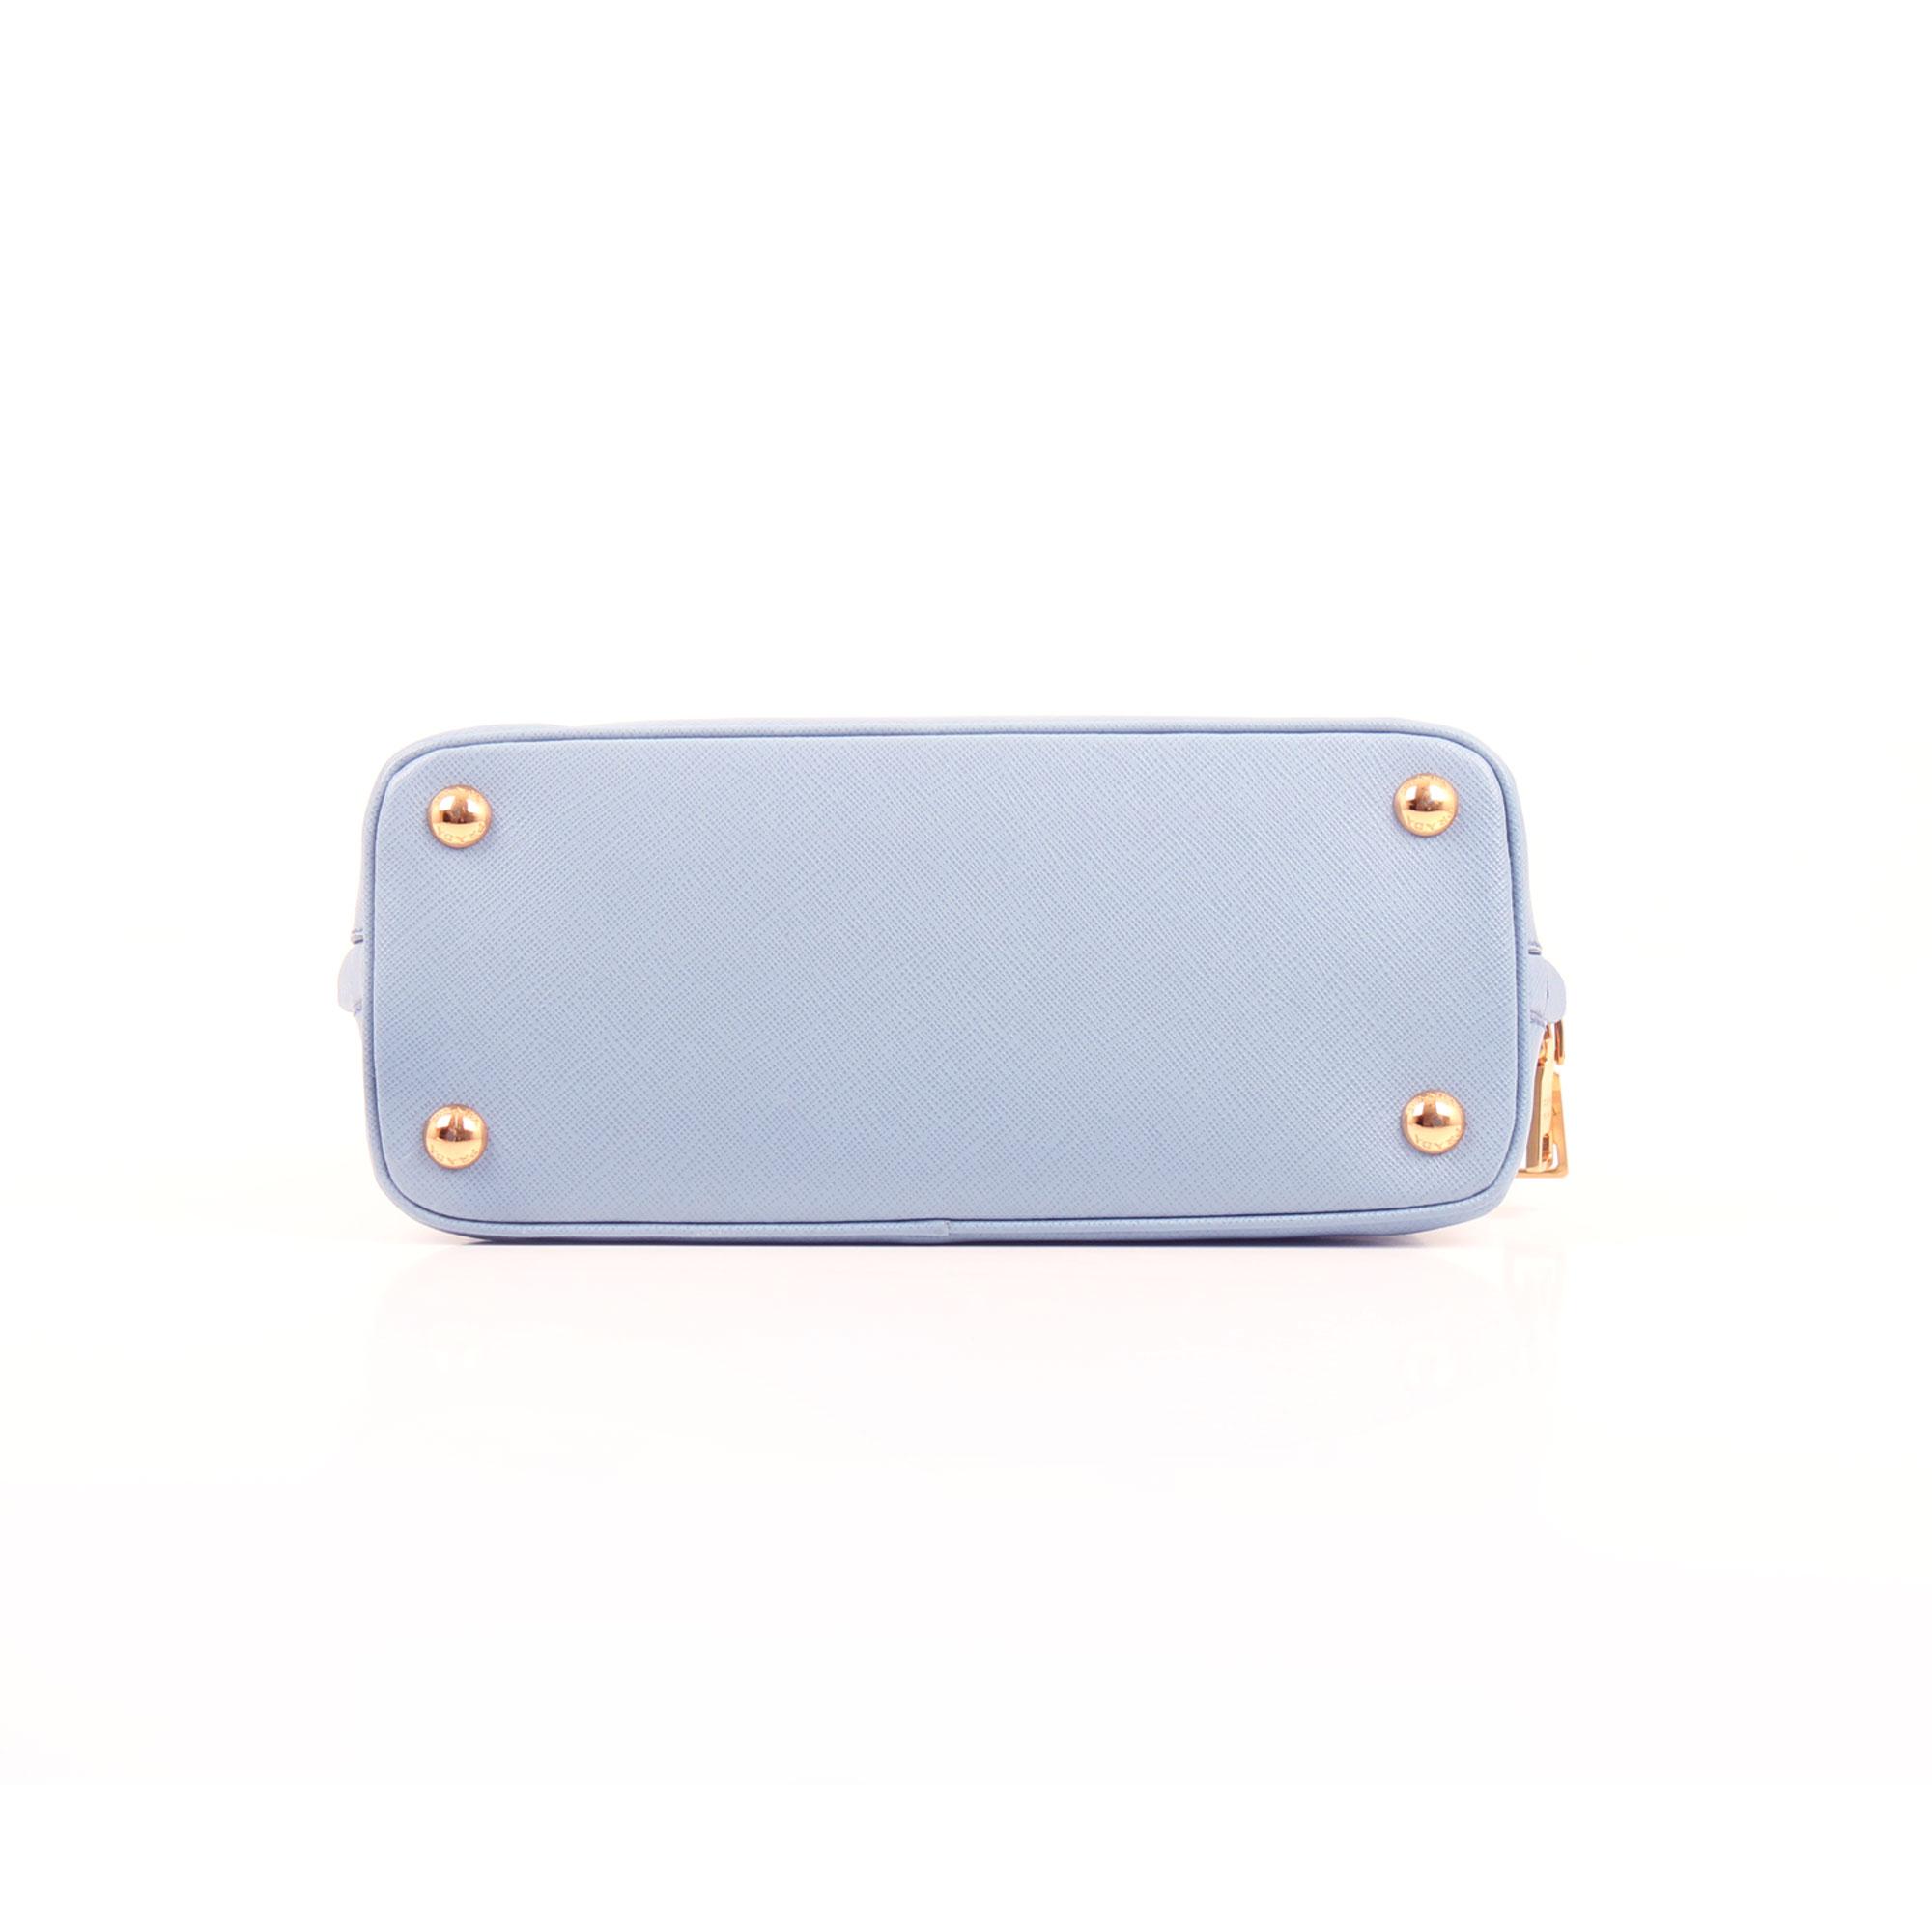 Imagen de la base del bolso prada small promenade saffiano azul